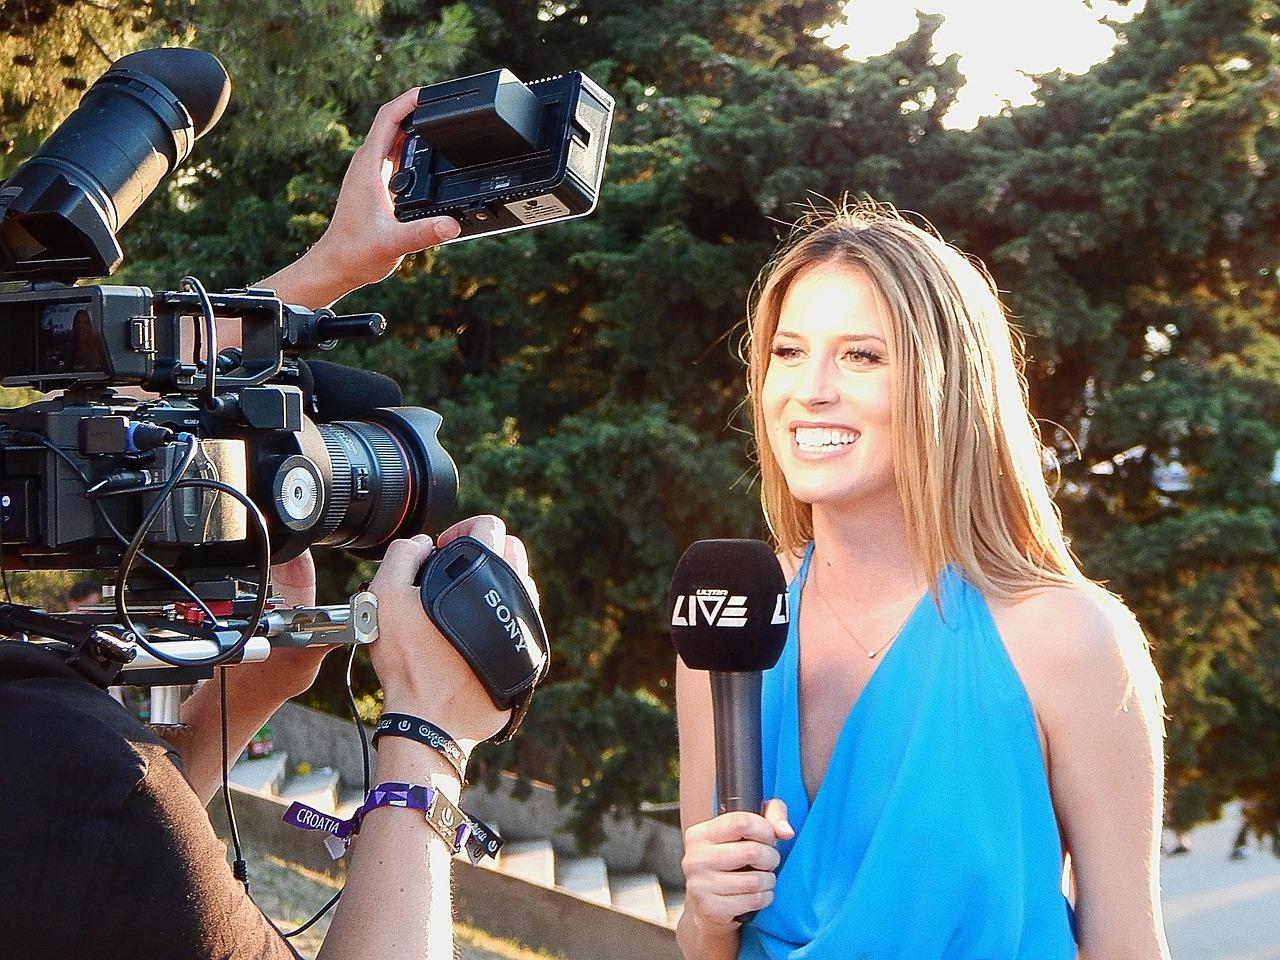 Salaire journaliste